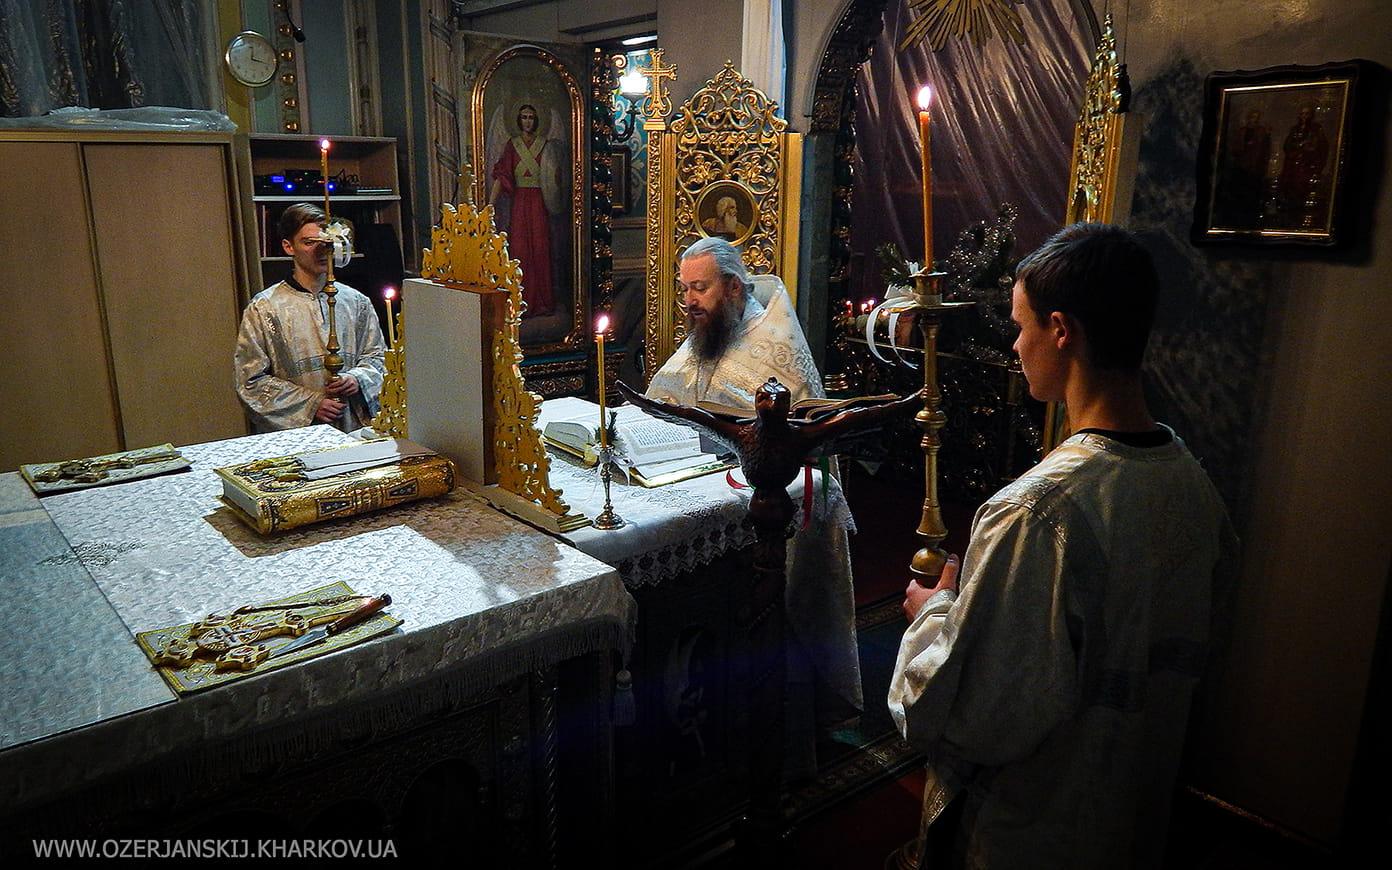 Свято-Озерянский храм. Рождество Христово, ночная Литургия, 7 января 2021 г.